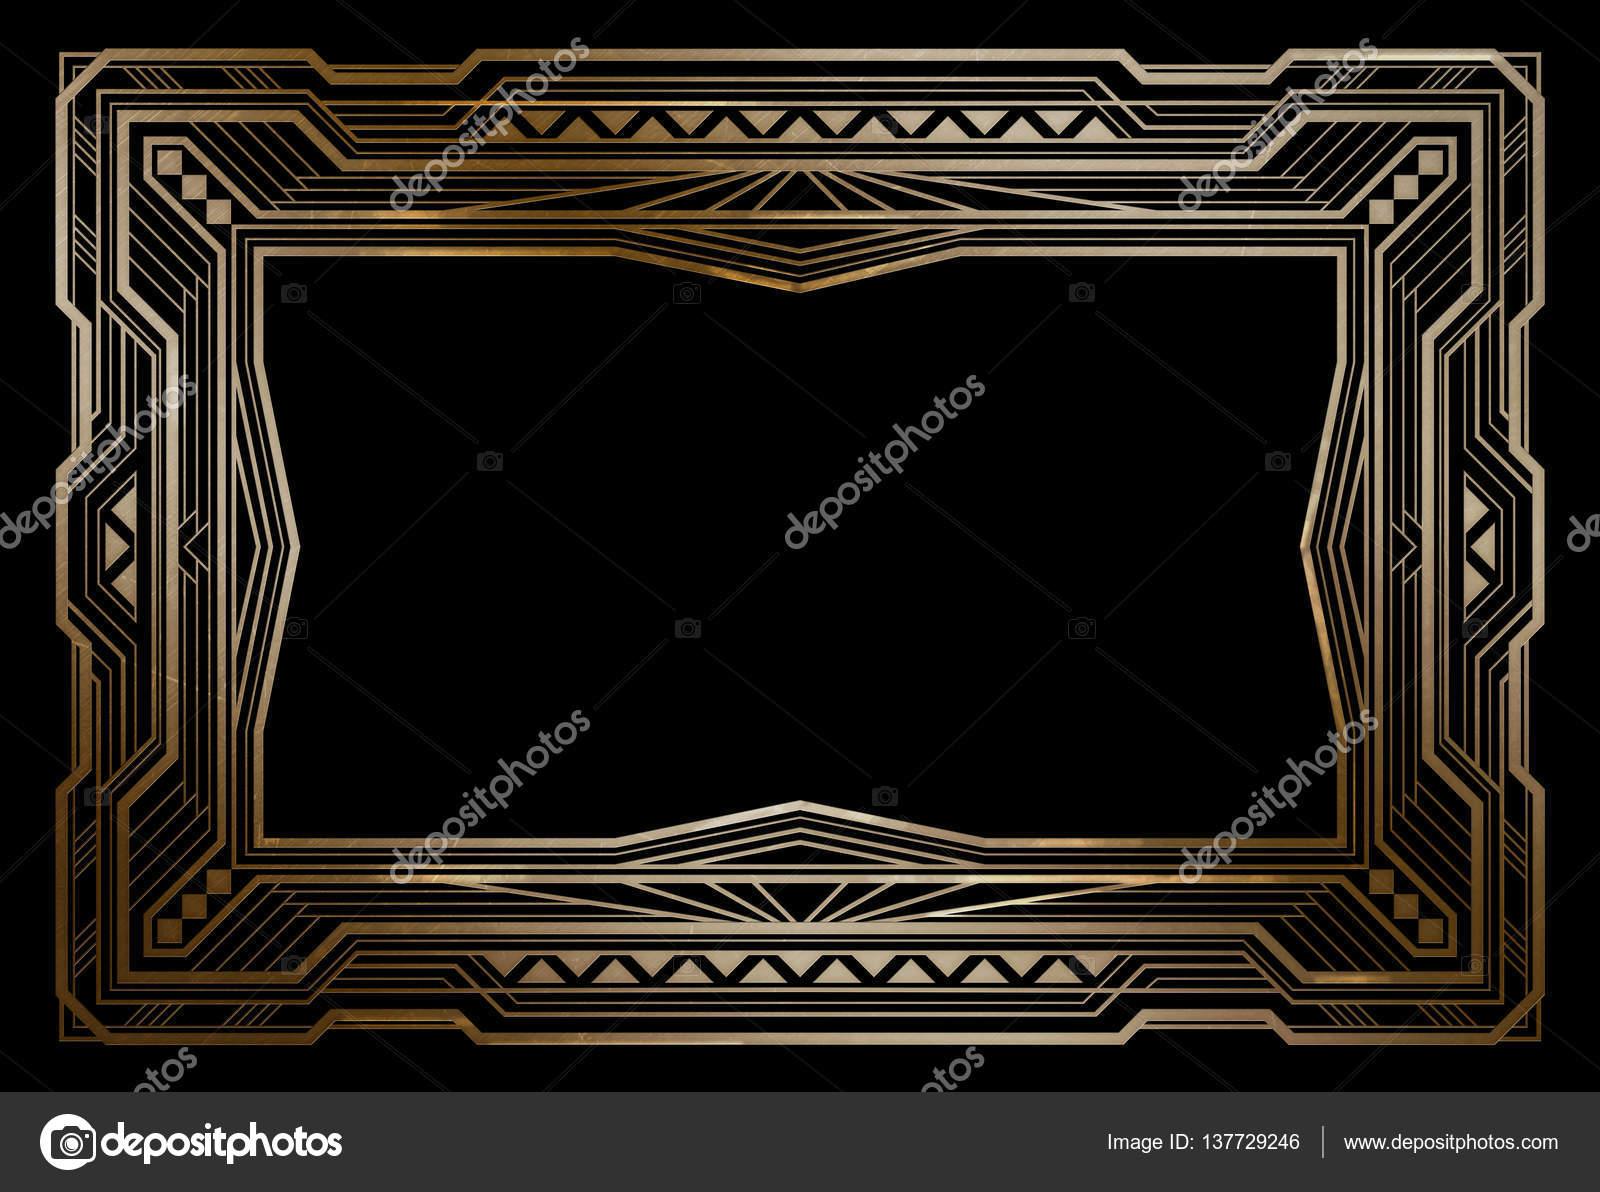 cadre de rétro laiton rectangulaire, style art déco des années 1920